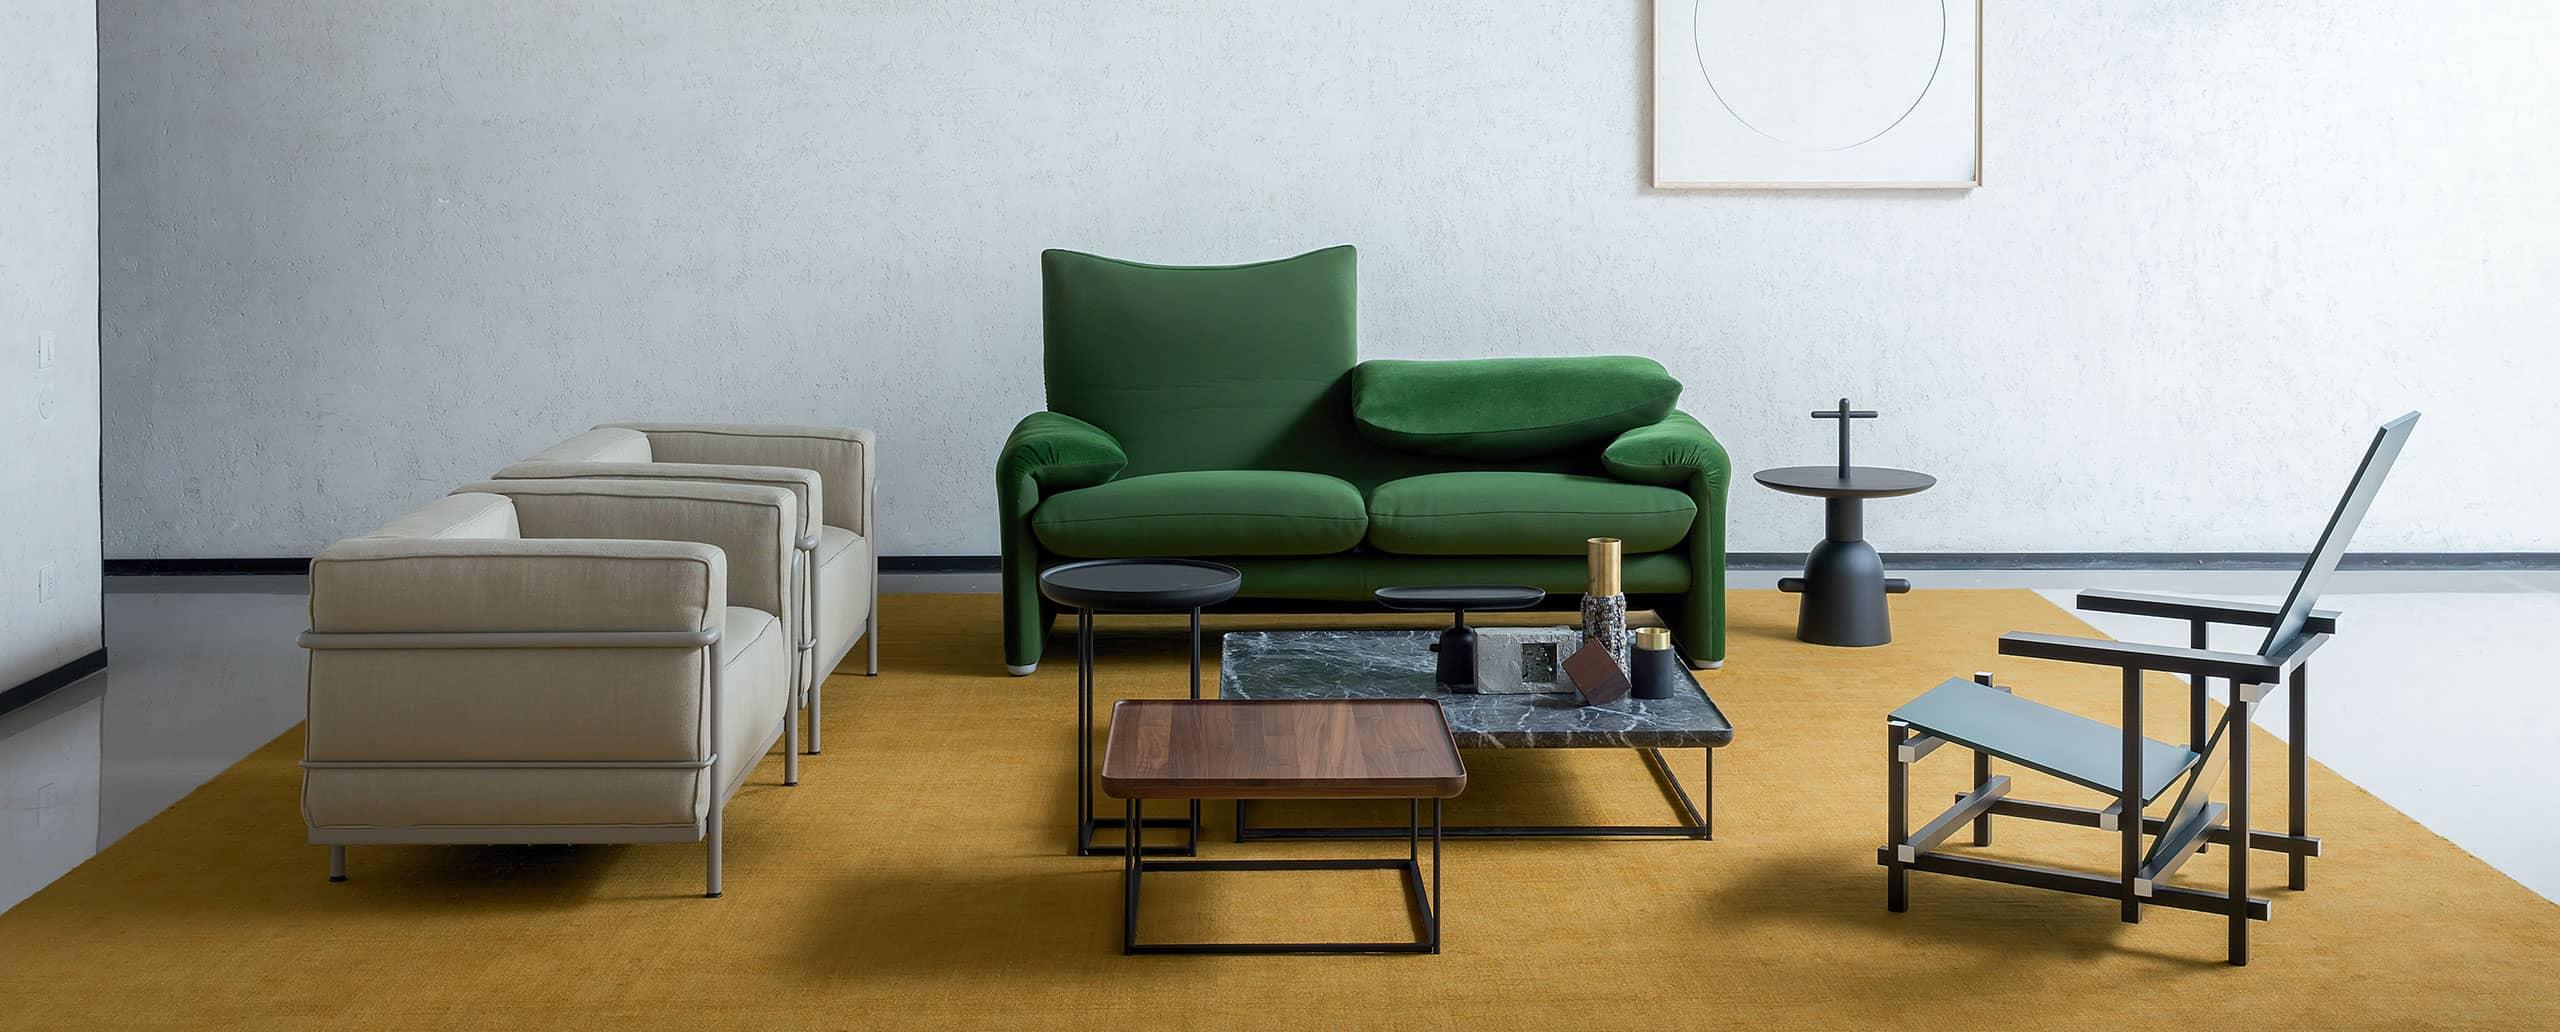 Sitzgruppe auf gelbem Teppich mit grünem Cassina Sofa Maralunga, grauen LC2 Sesseln und Zeilmaker-Version Black-Red-and-Blue